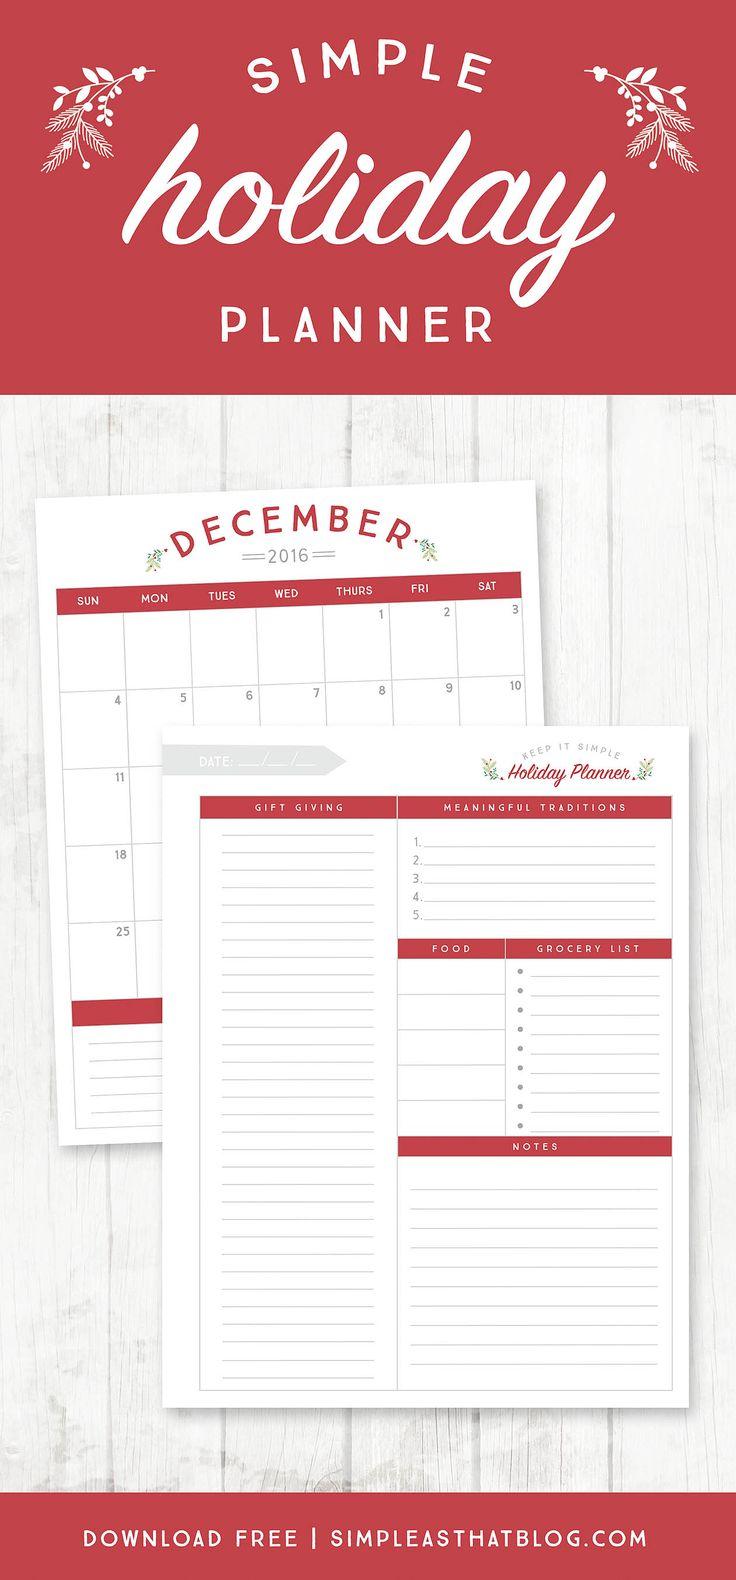 Pianificare in anticipo per le vacanze è il mio segreto per un più calmo dicembre.  Che si tratti di regali, la pianificazione del pasto, o fare il tempo per le tradizioni più significative ... Creare la stagione delle vacanze si vuole veramente inizia con la pianificazione ora di utilizzare questo Planner libero vacanze stampabili.